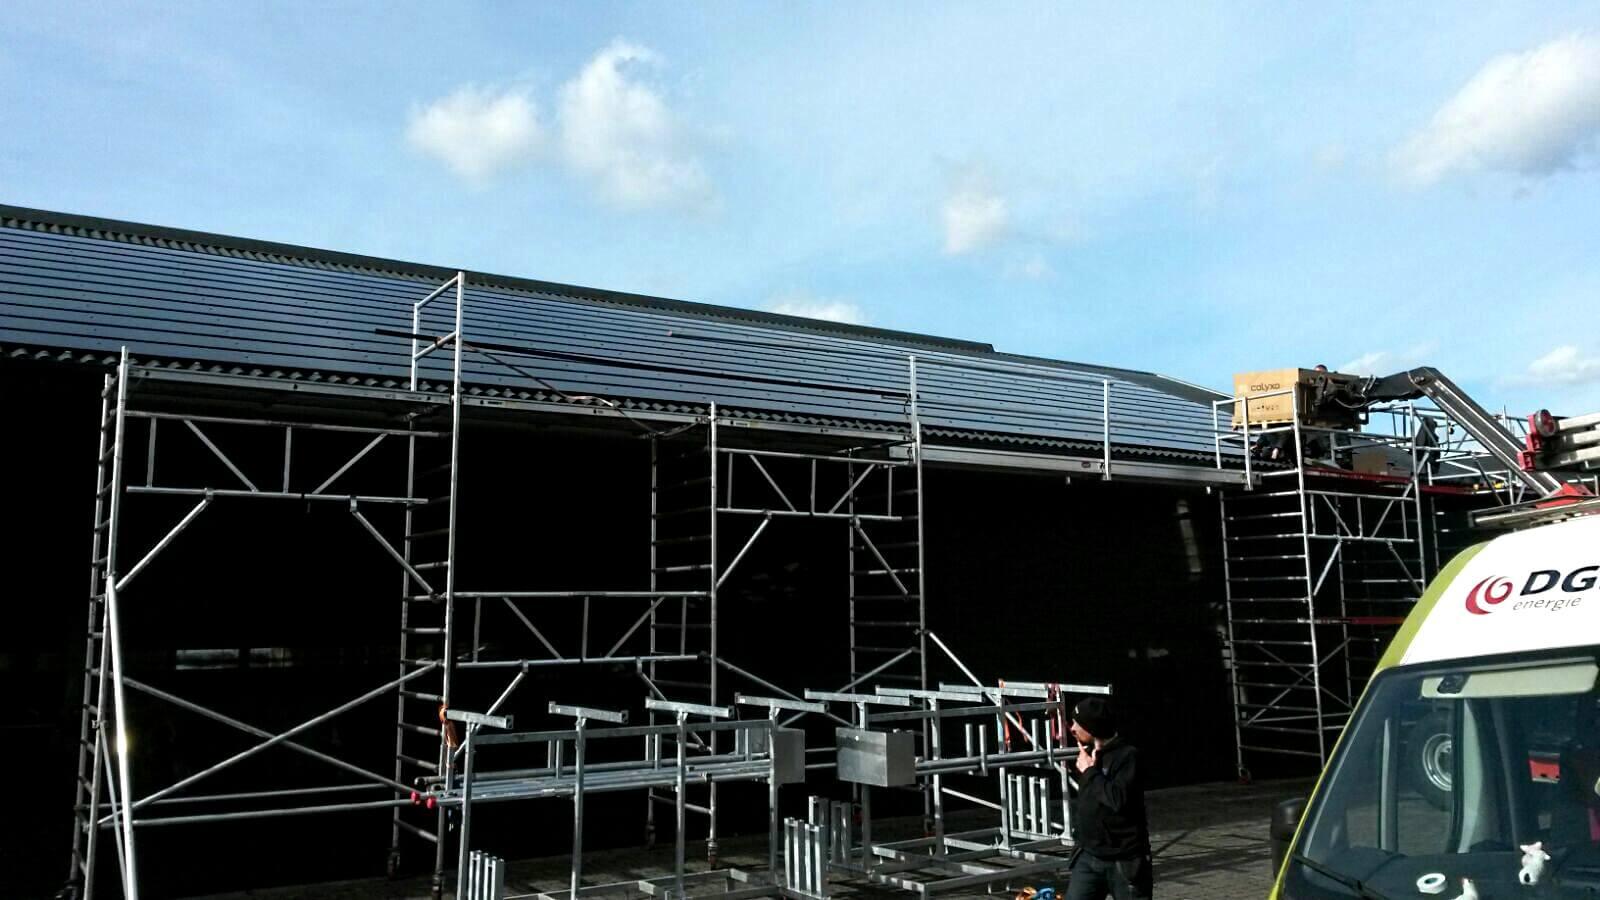 Zorgvuldige installatie zorgt voor goede opbrengst zonnepanelen